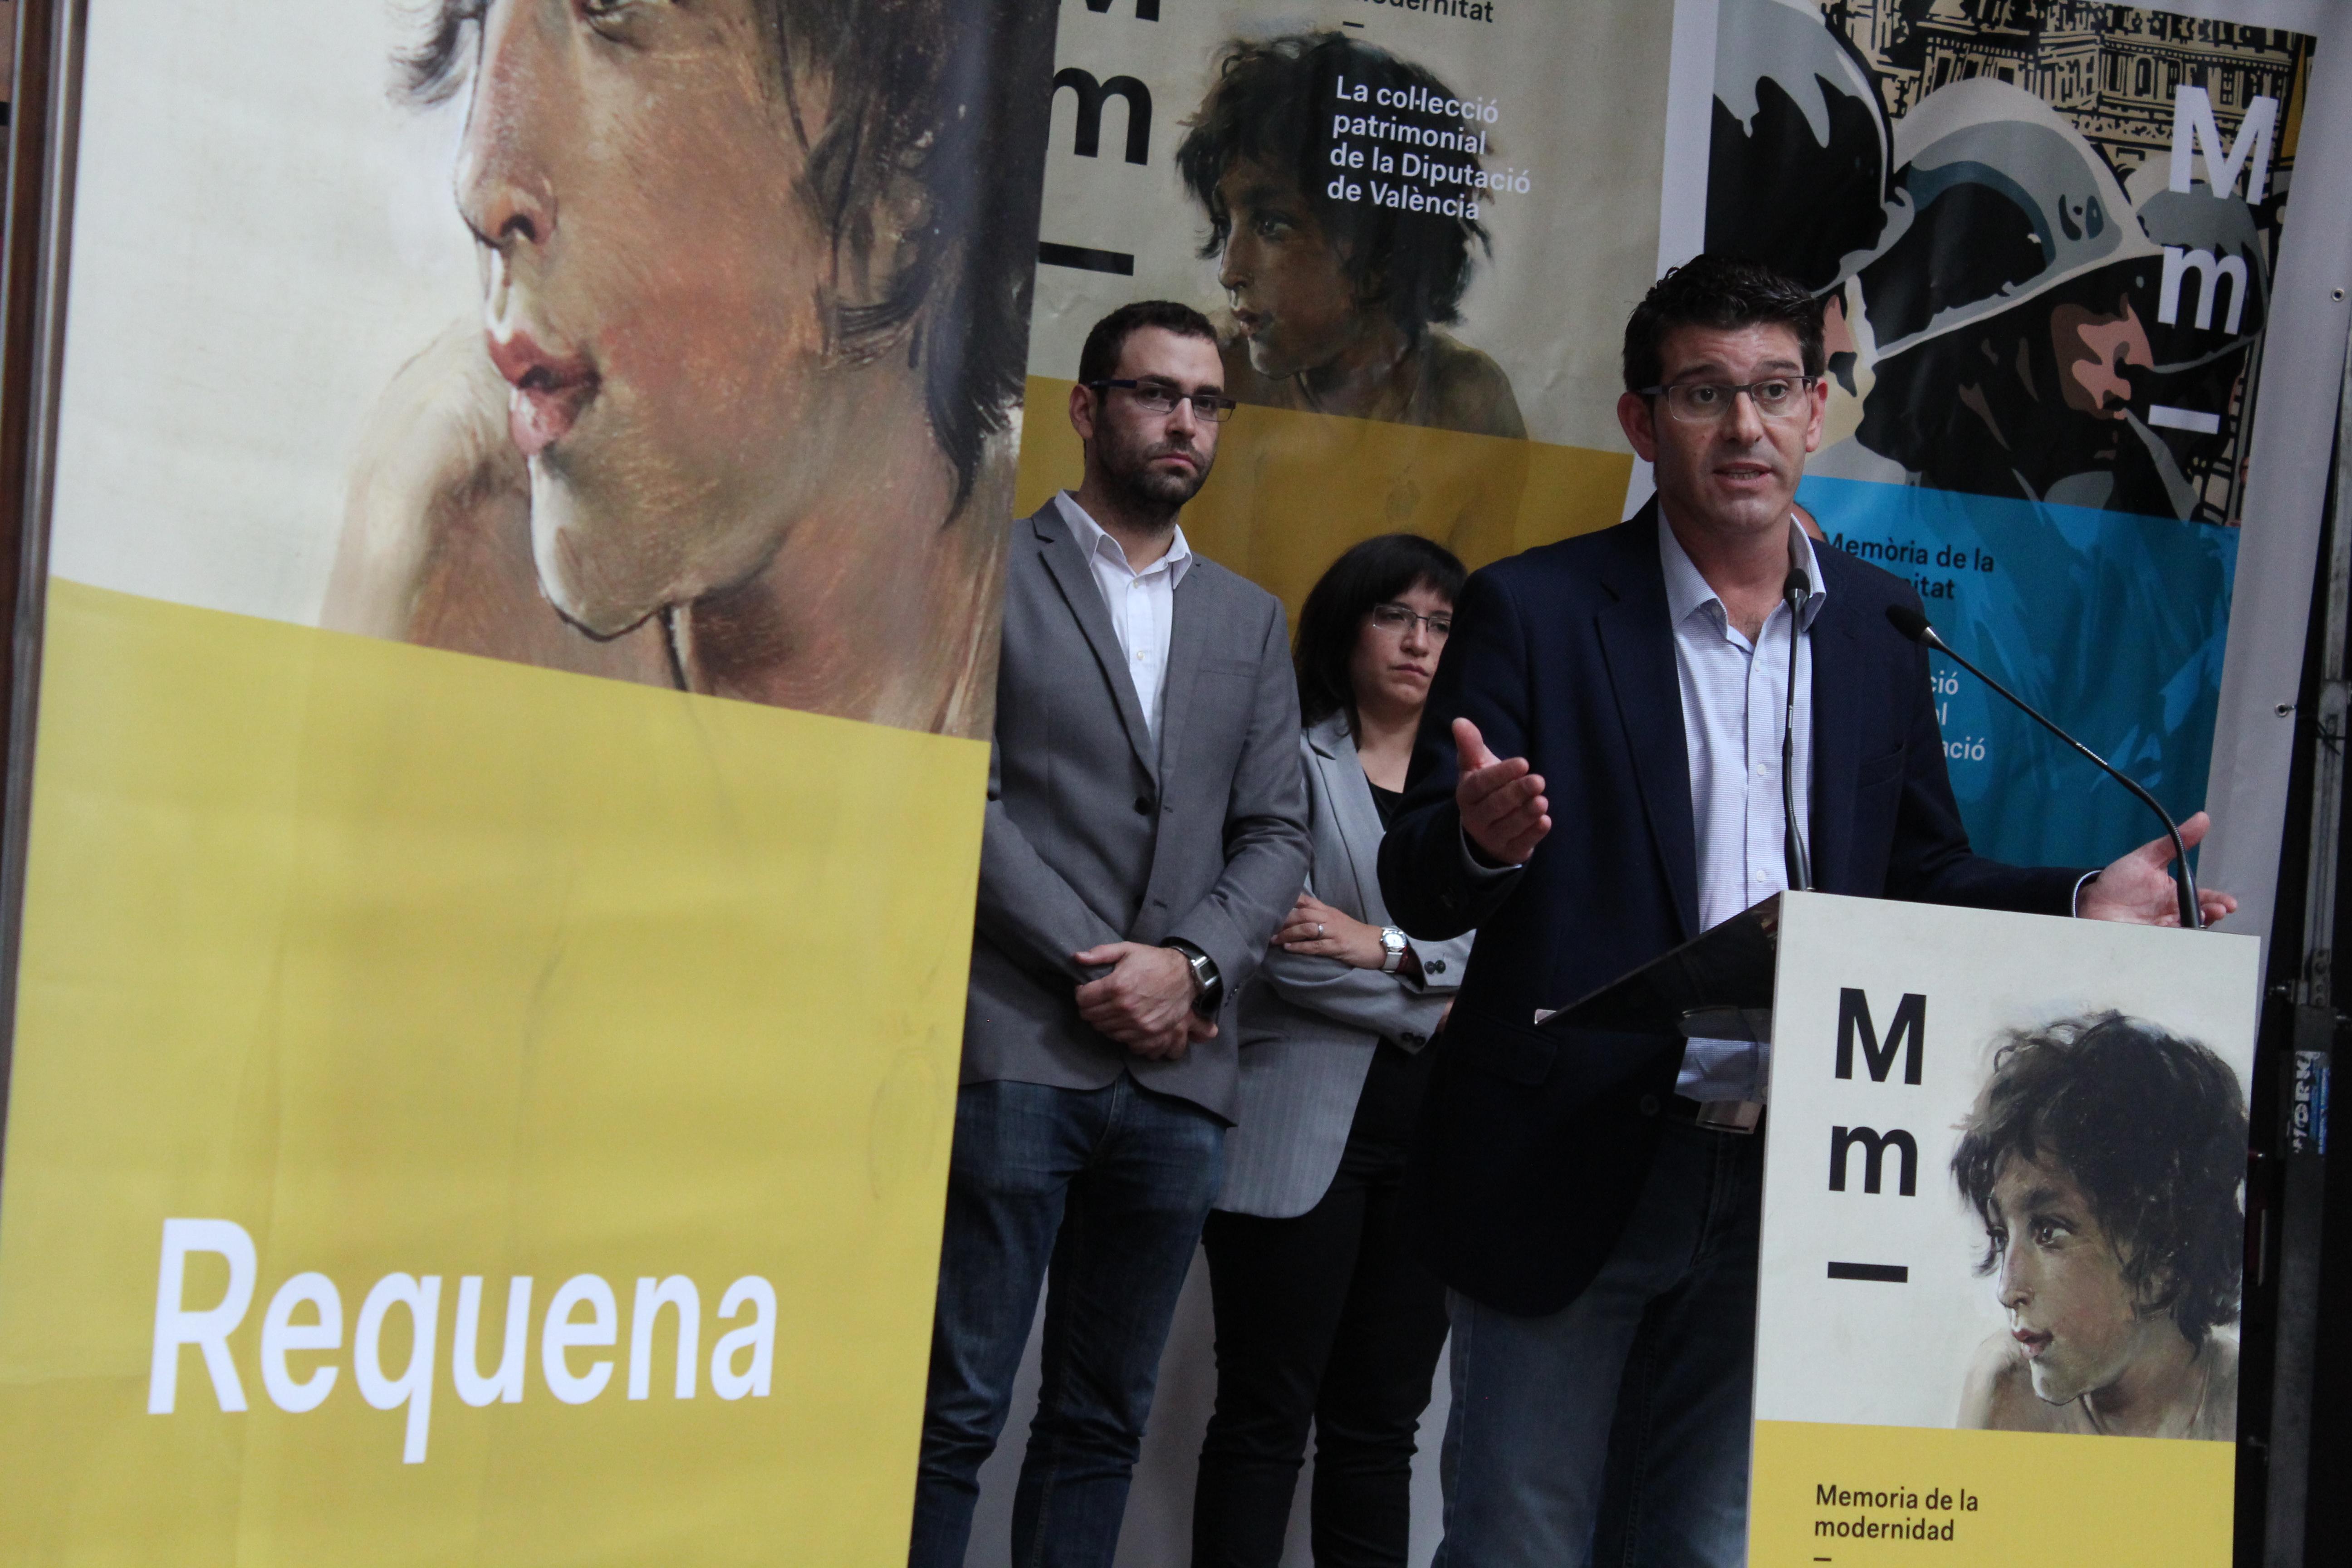 La exposición con el tesoro artístico de la Diputación deja Requena con 7.000 visitas y parte hacia Alzira.